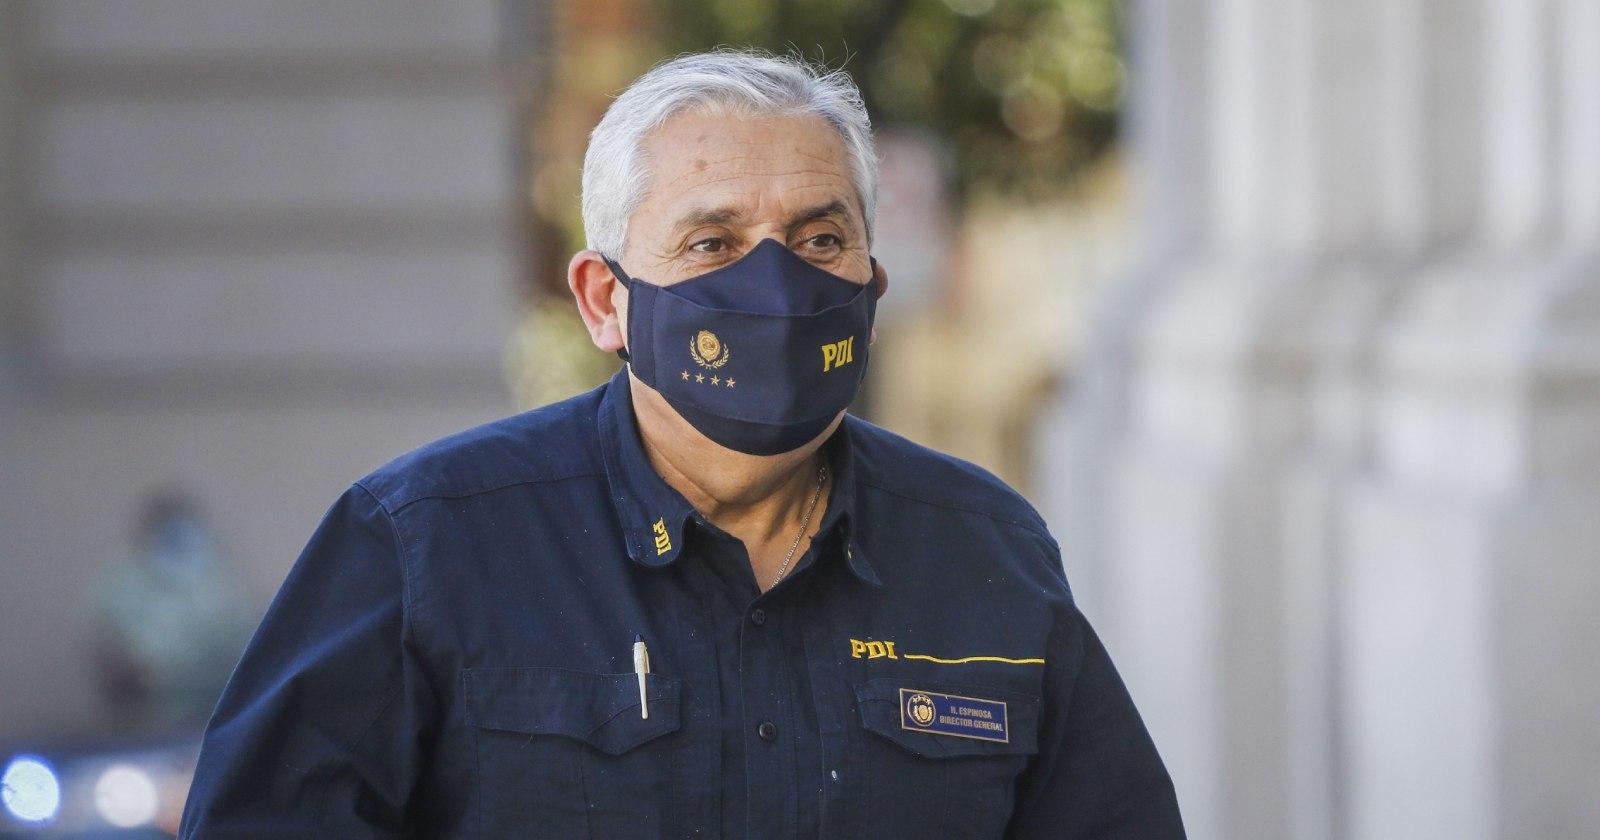 """""""Héctor Espinosa tras fallo por atentado a la estación Pedrero: """"La PDI no hace montajes"""""""""""